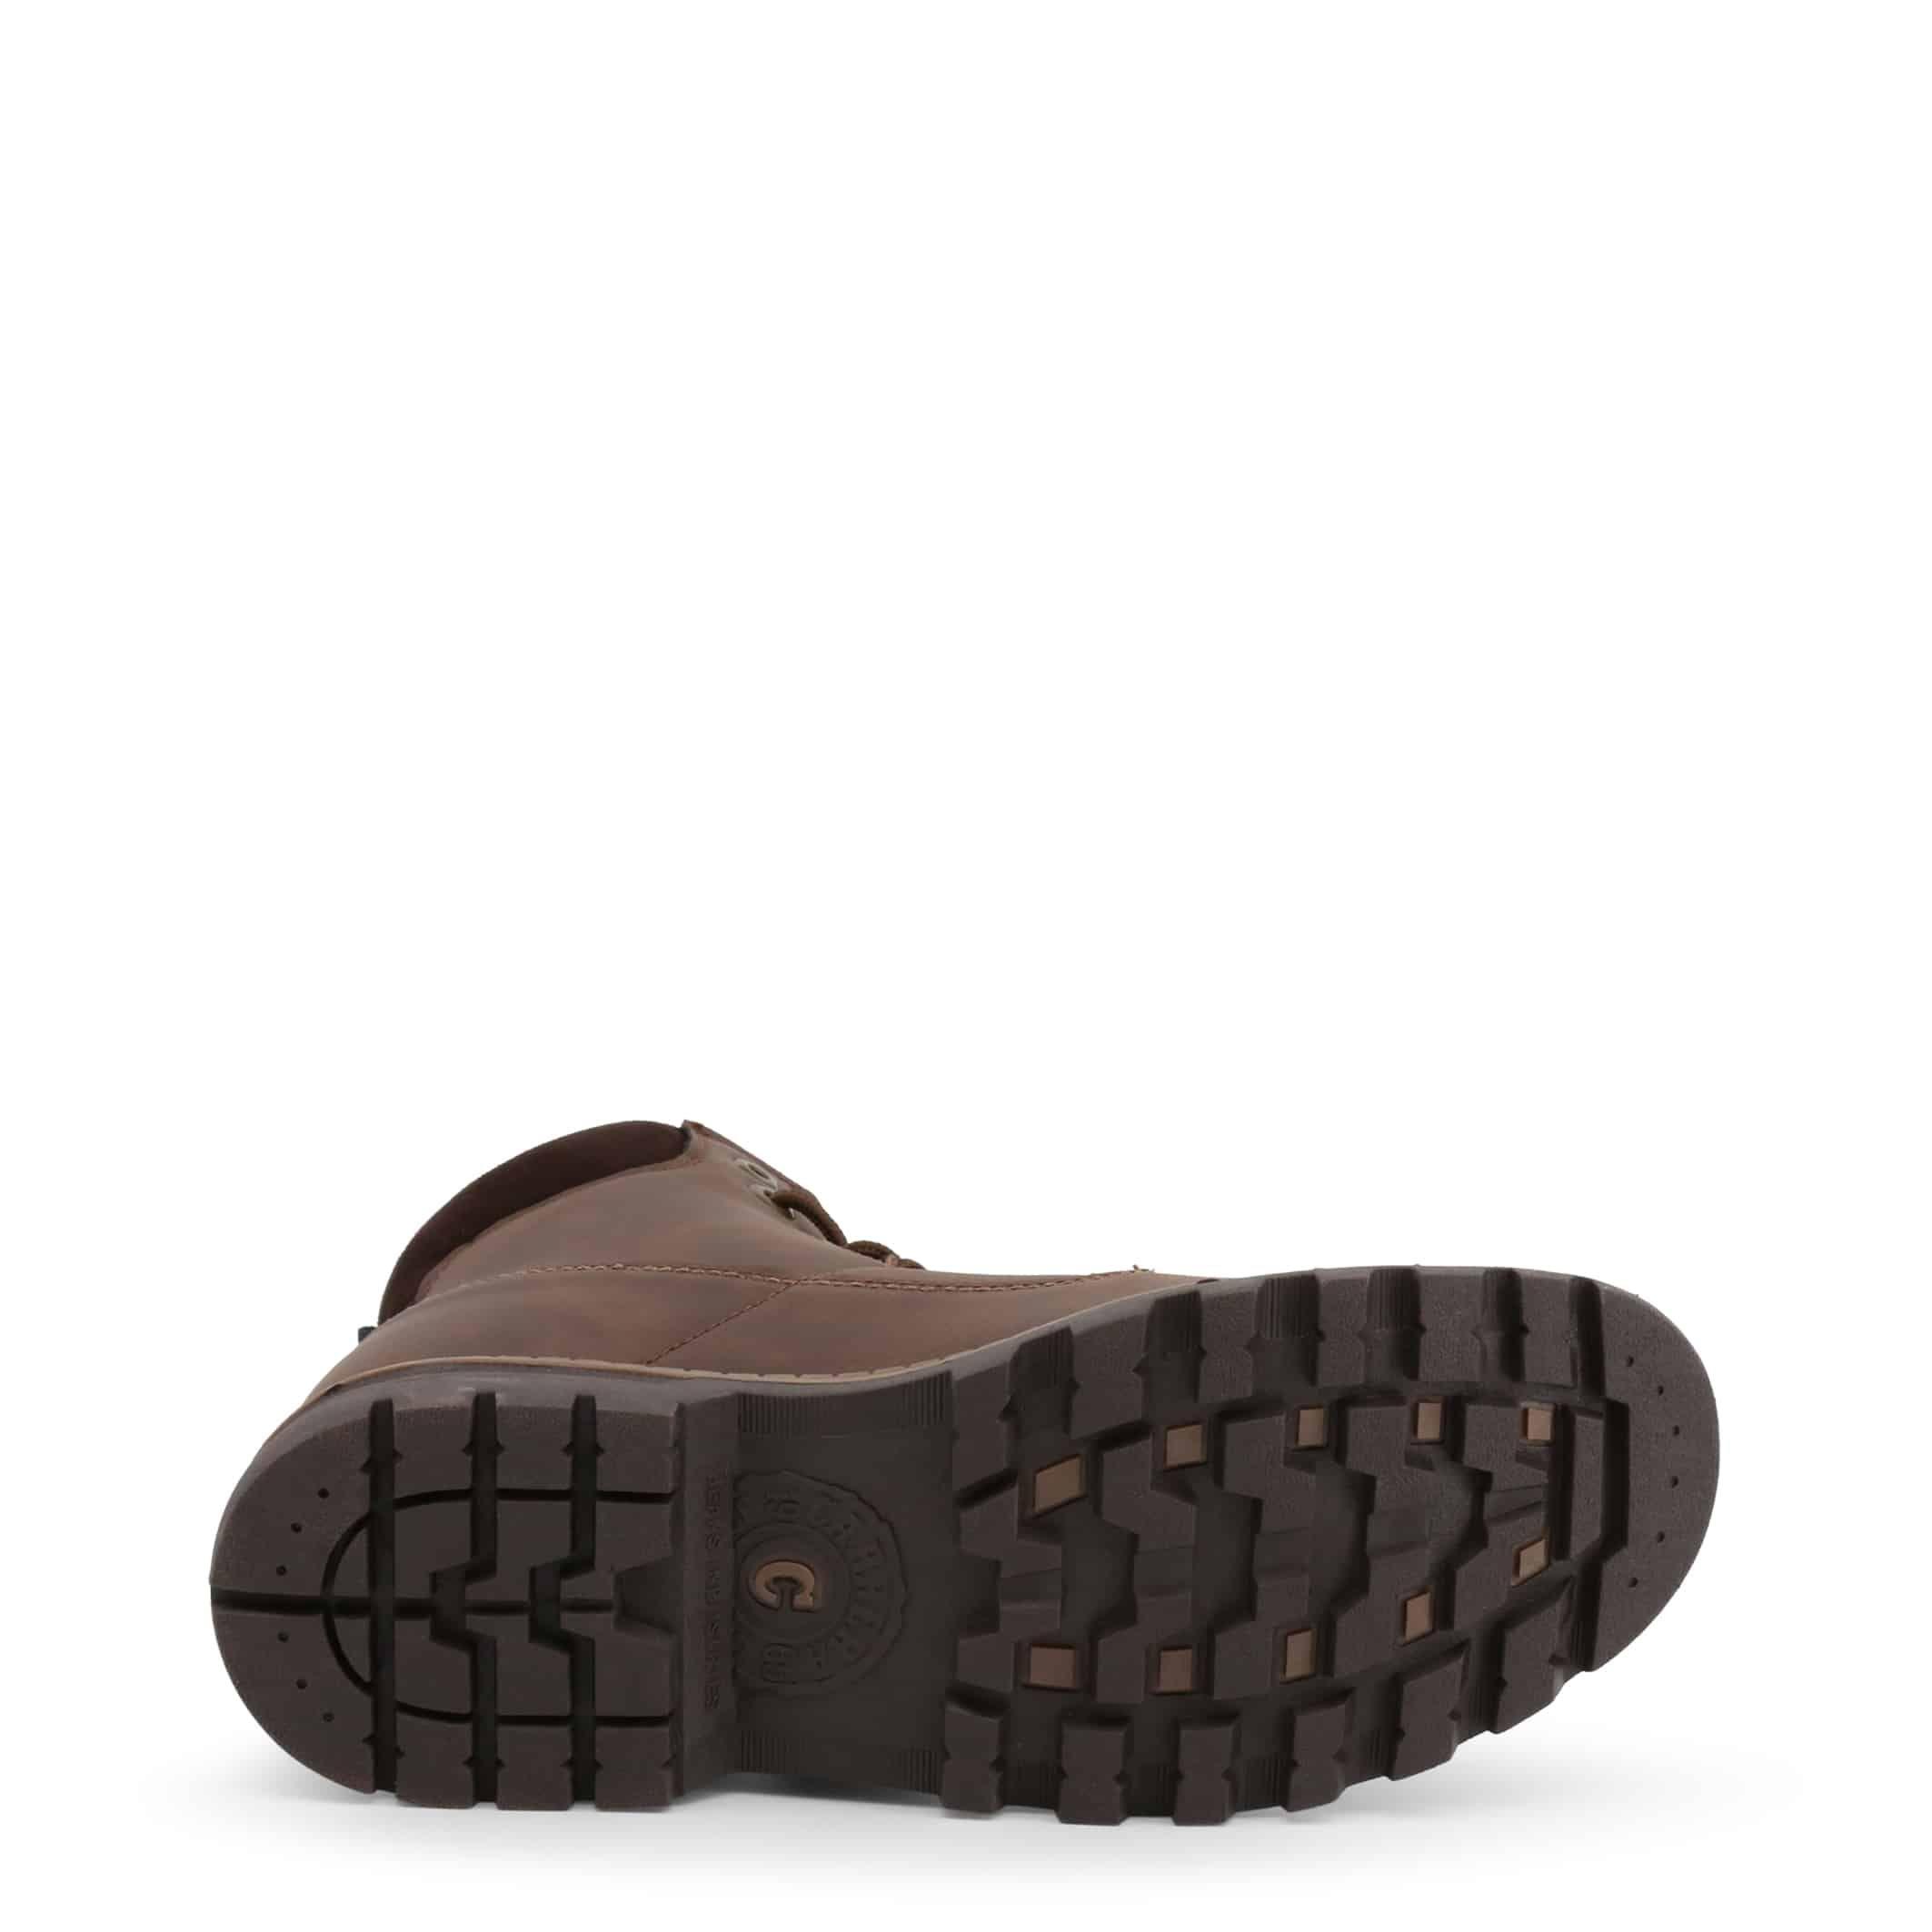 Schuhe Carrera Jeans – CAM921050 – Braun